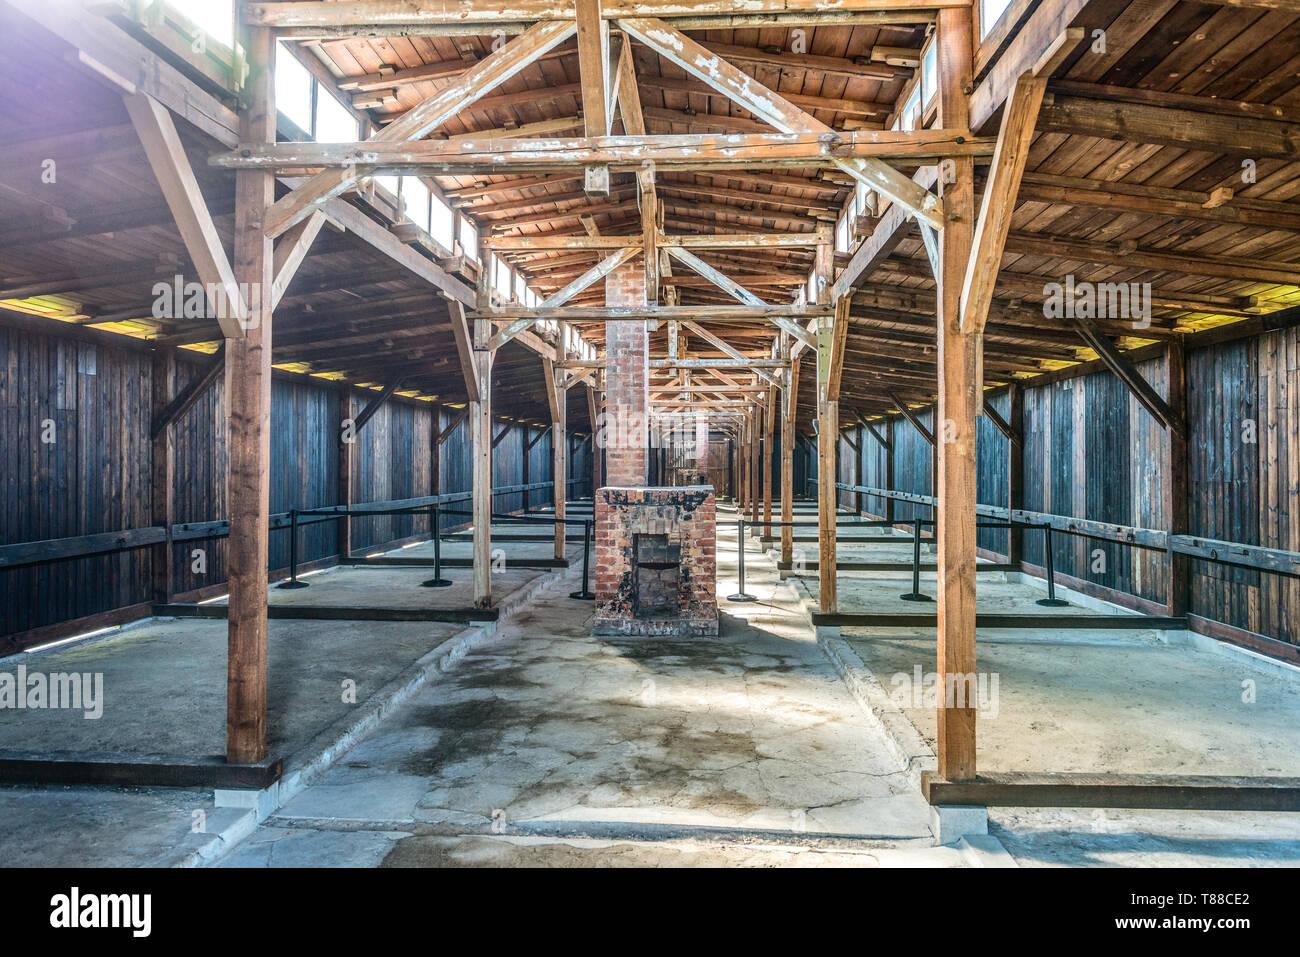 AUSCHWITZ (OSWIECIM), POLAND - APRIL 18, 2019: Original dormitory in barrack at Auschwitz Birkenau extermination camp in Oswiecim, Poland - Stock Image